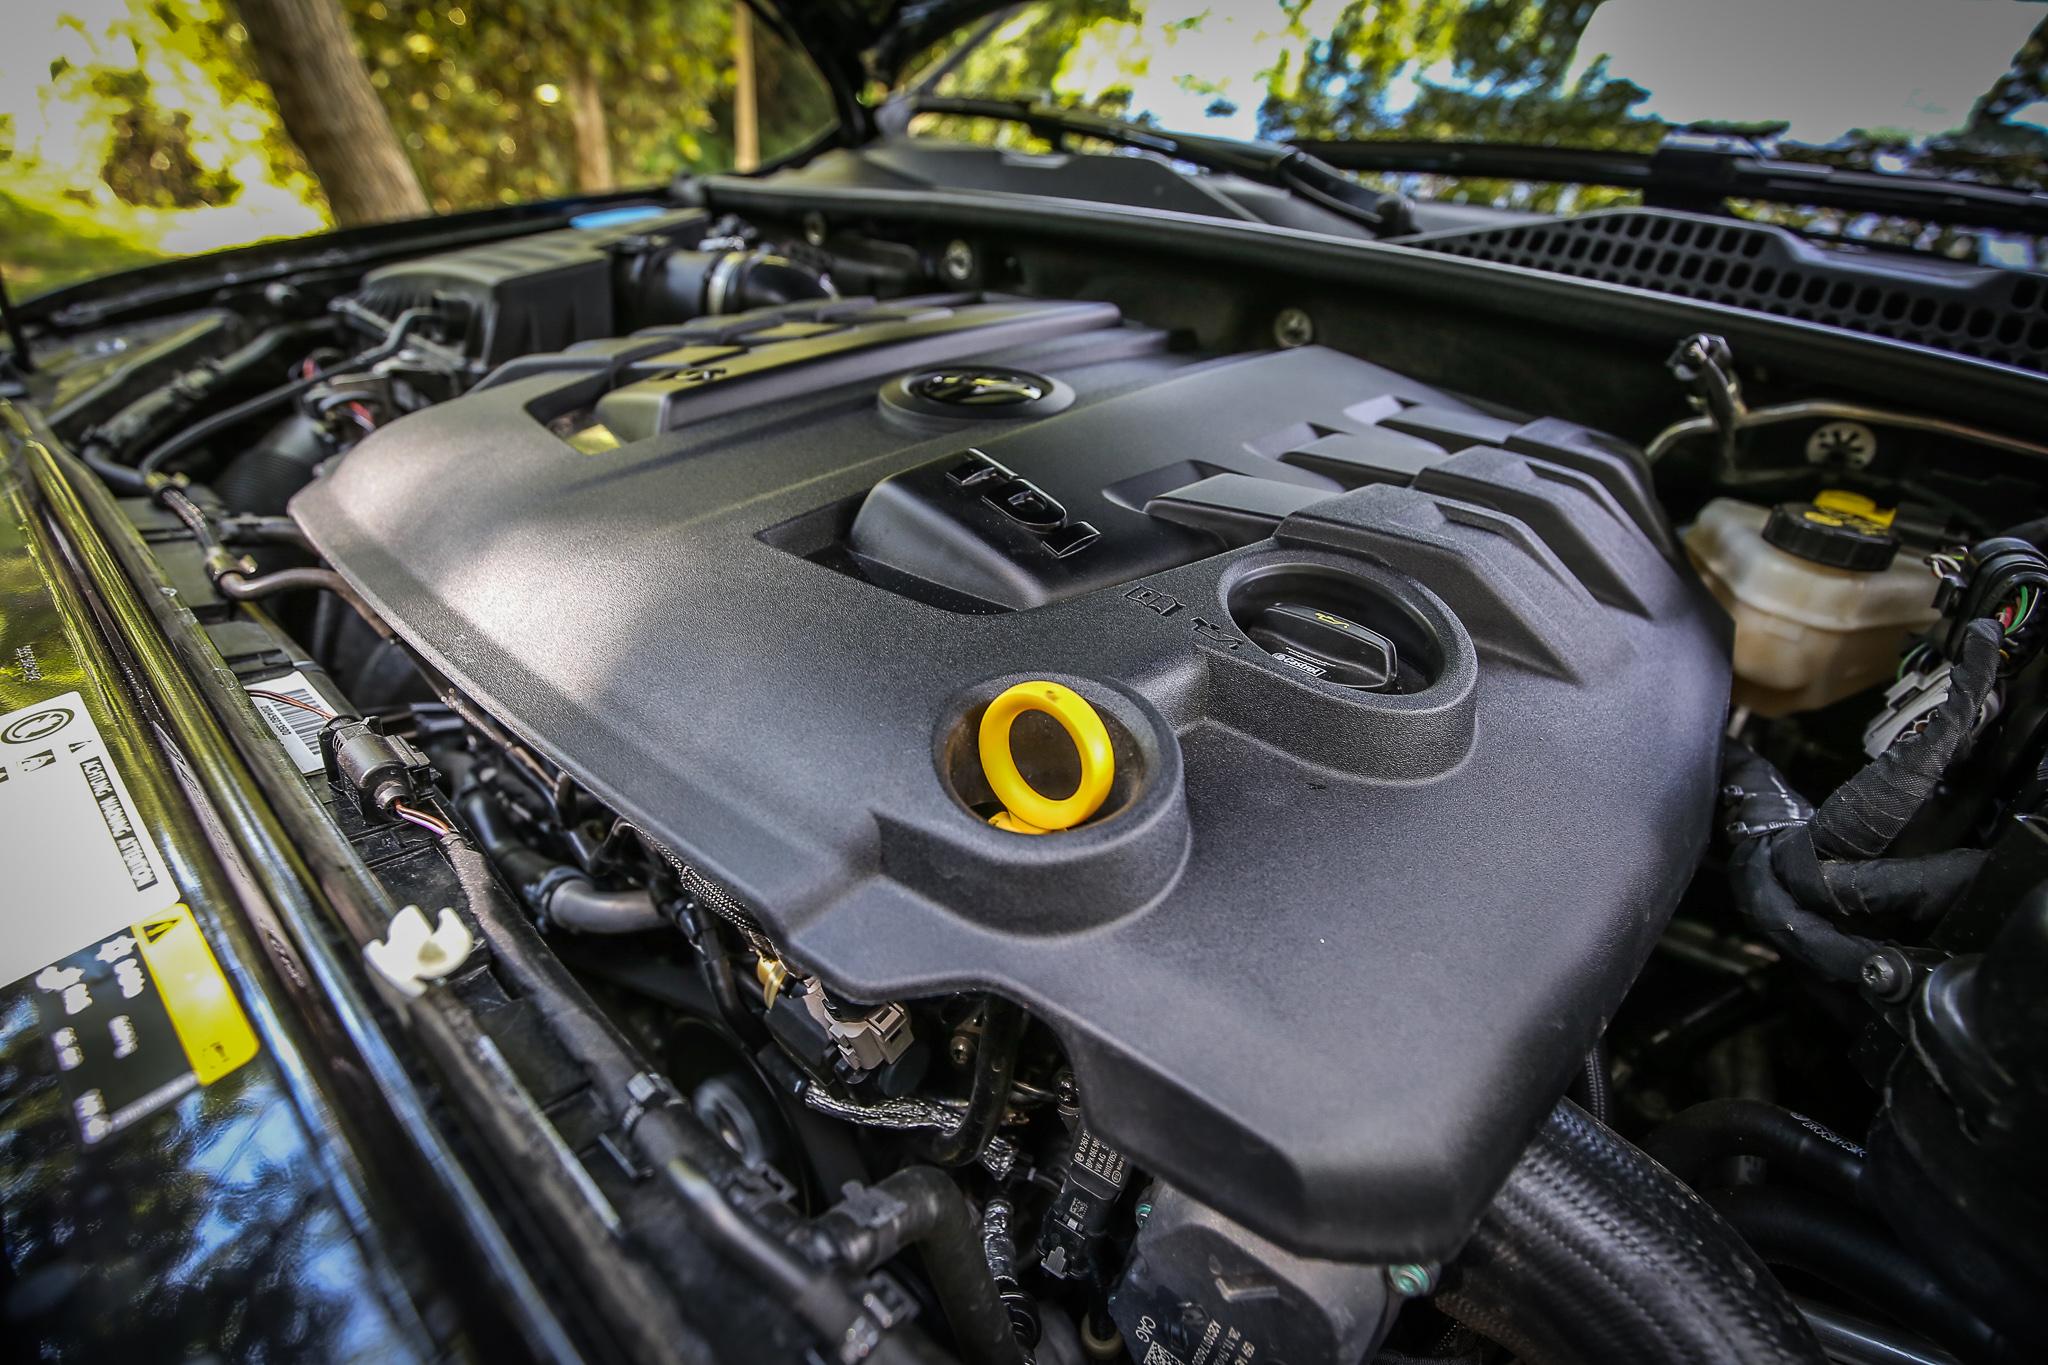 搭載 3.0 升渦輪增壓 V6 柴油引擎,具備 204ps/3000~4500rpm 最大馬力輸出,最大扭力為 51kgm/1250~2750rpm。